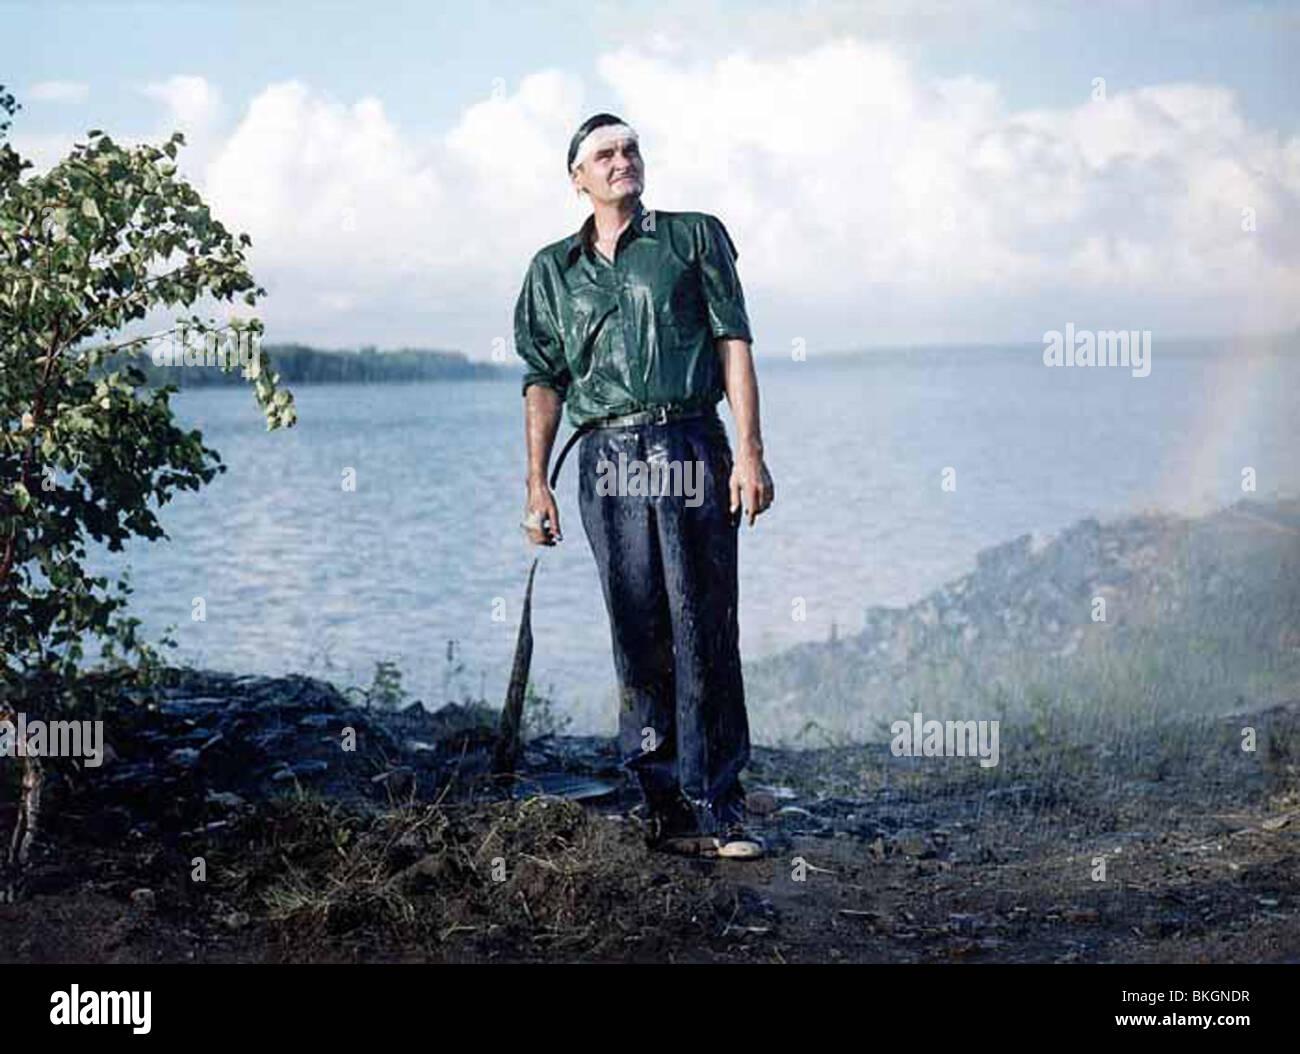 THE MAN WITHOUT A PAST (2002) MARKKU PELTOLA MWAP 001-05 - Stock Image